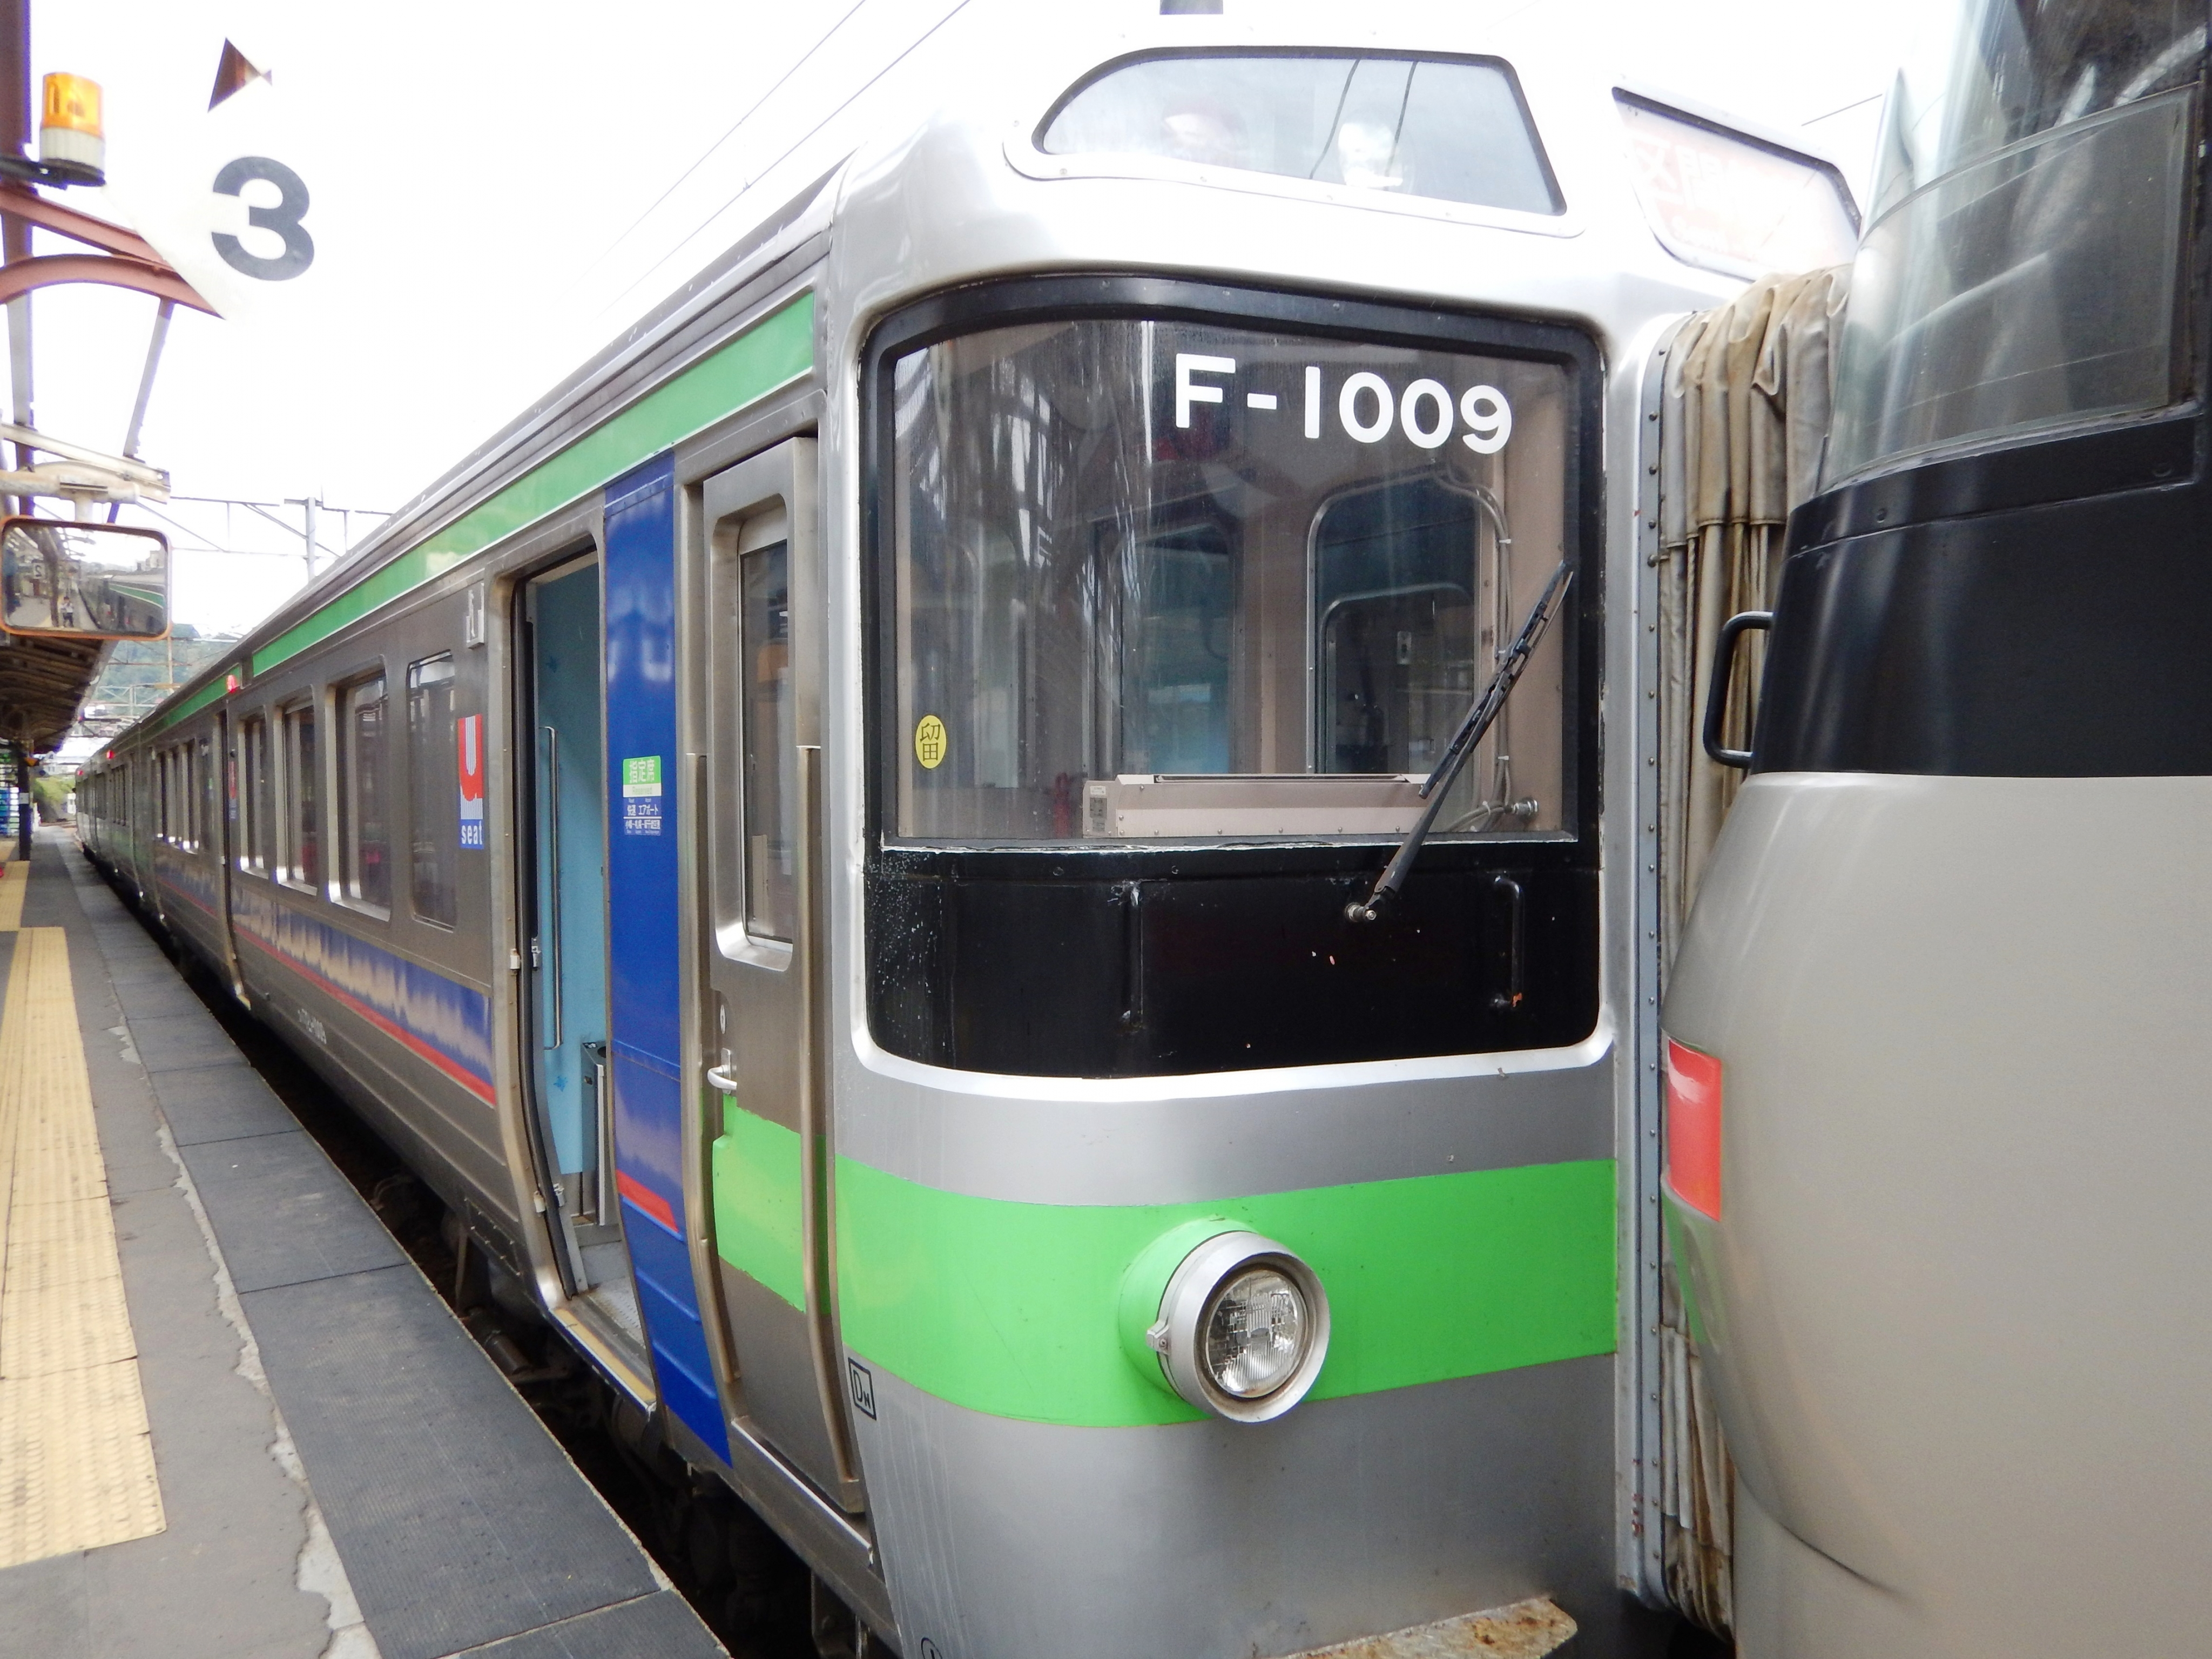 721系 F-1009 3429M 区間快速いしかりライナー 小樽駅 180924 (4).JPG